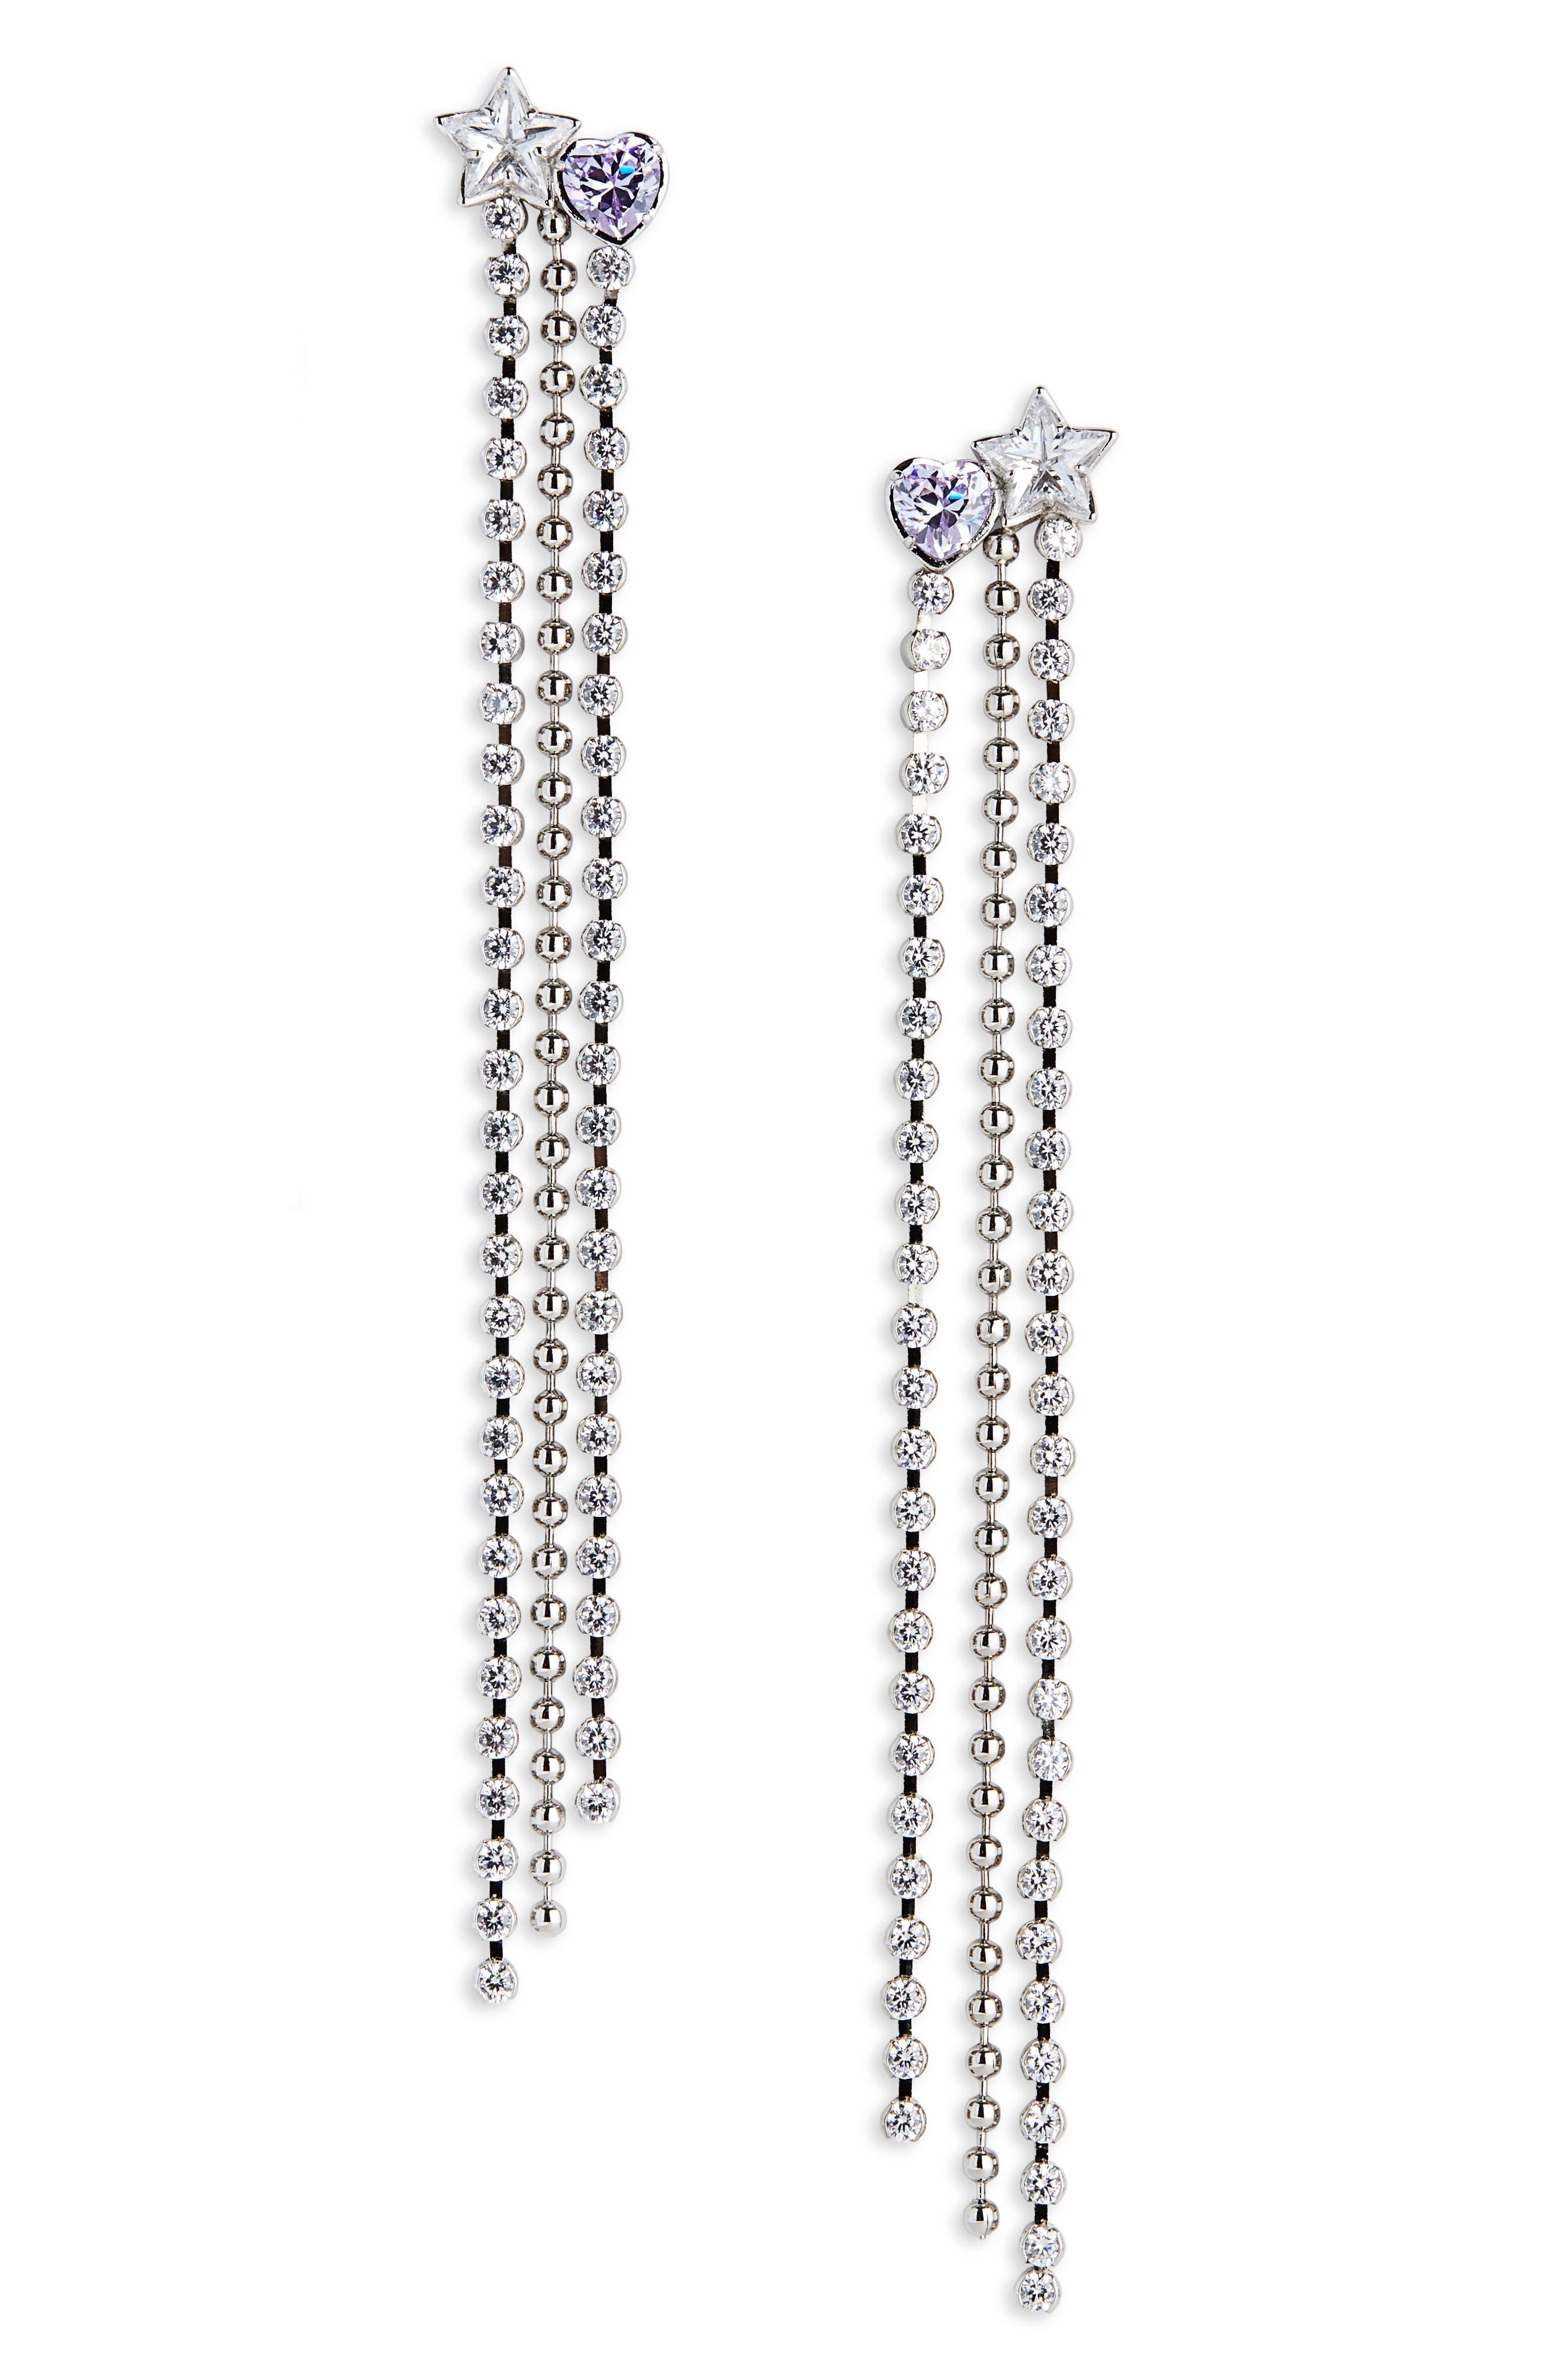 JIWINAIA Celeste Drop Earrings in Rhodium Brass